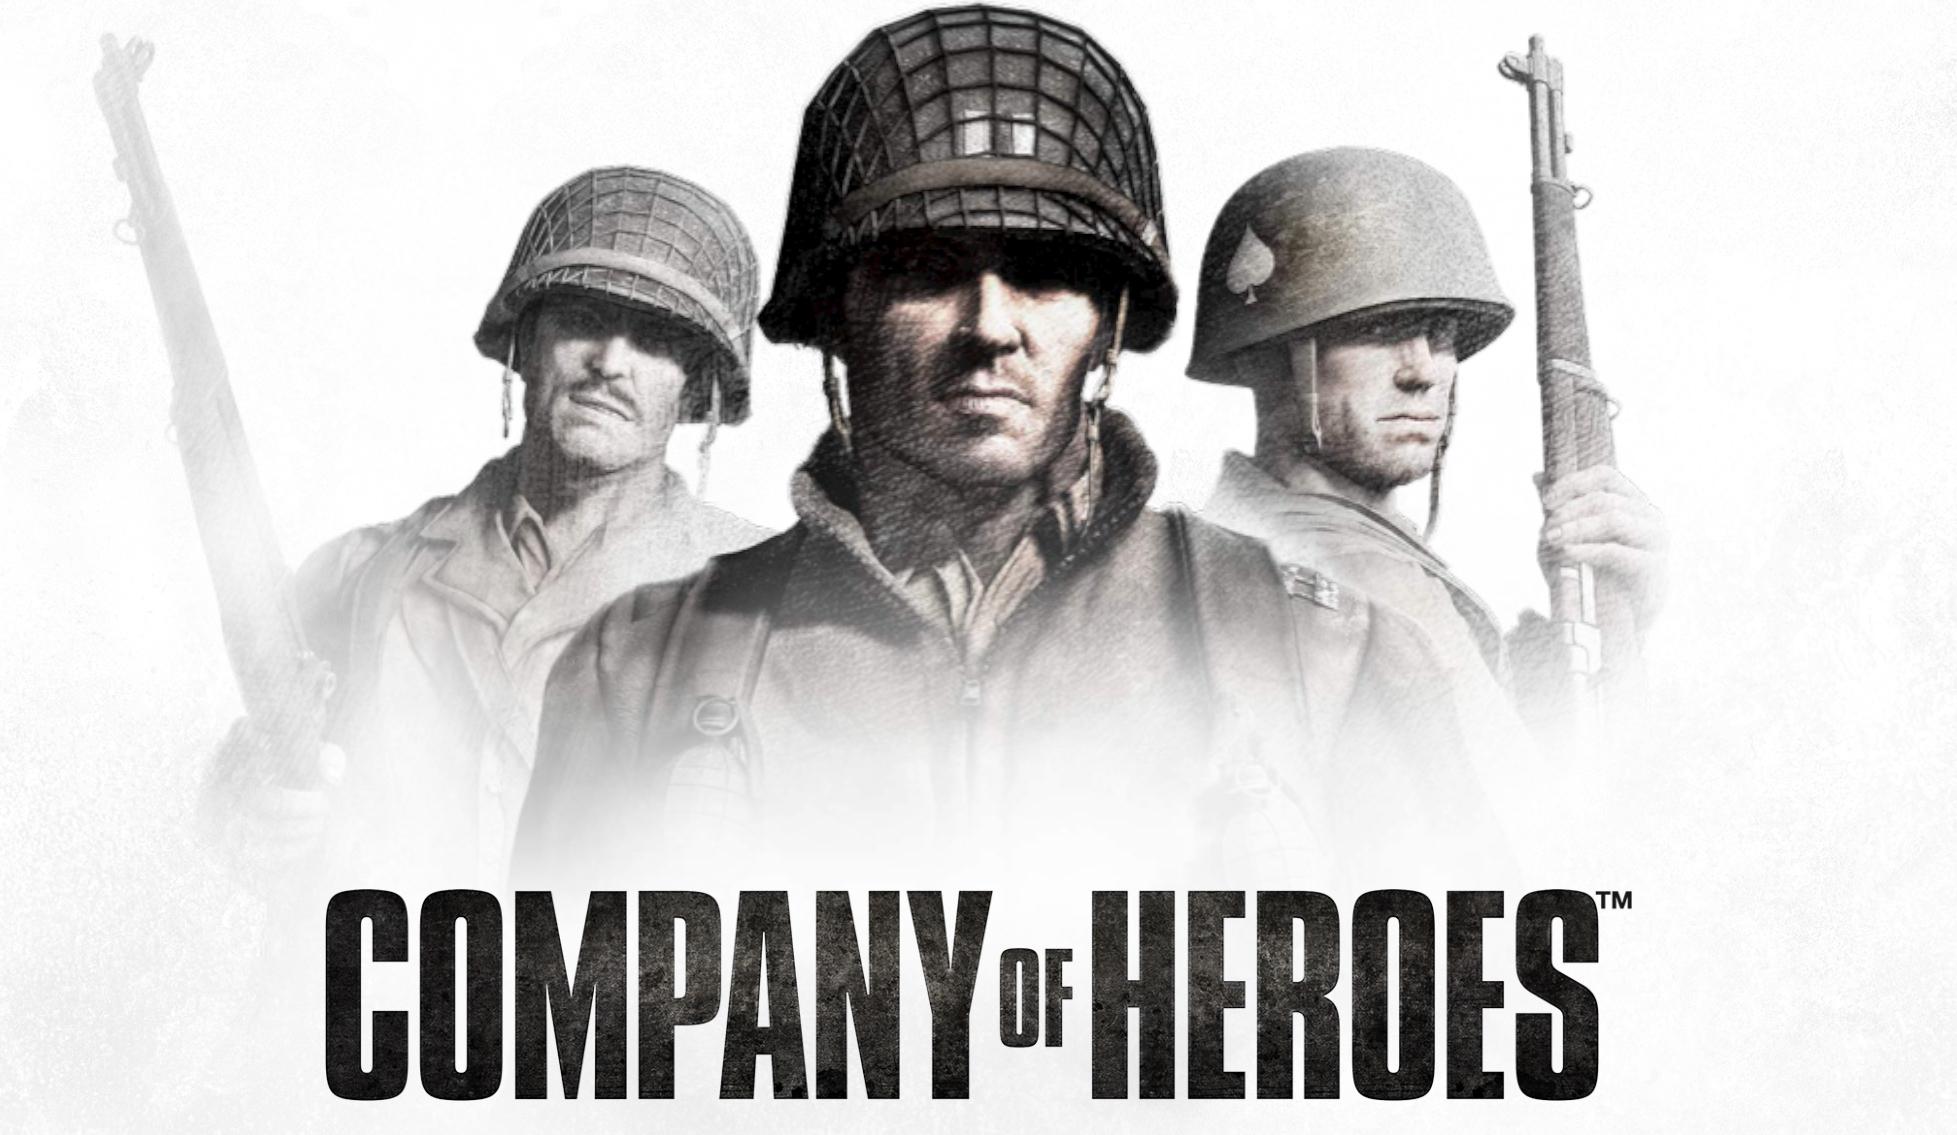 Company of Heroes: revelado novos detalhes sobre a jogabilidade